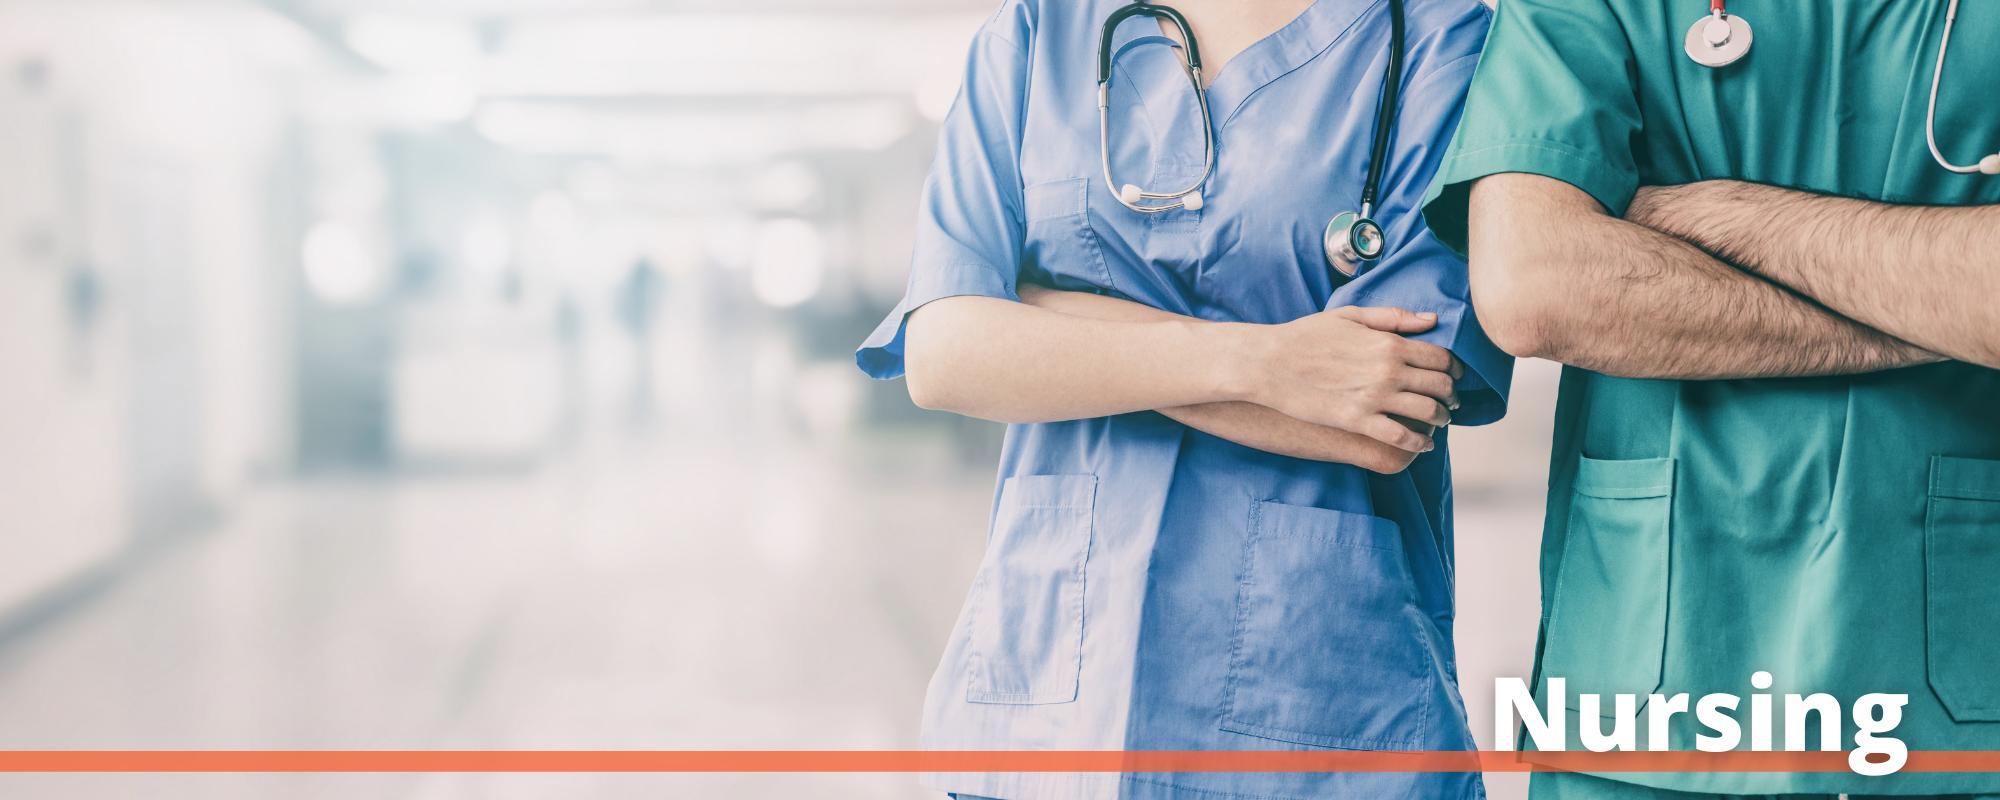 """Image of two nurses in scrubs with the word """"Nursing"""" printed below"""